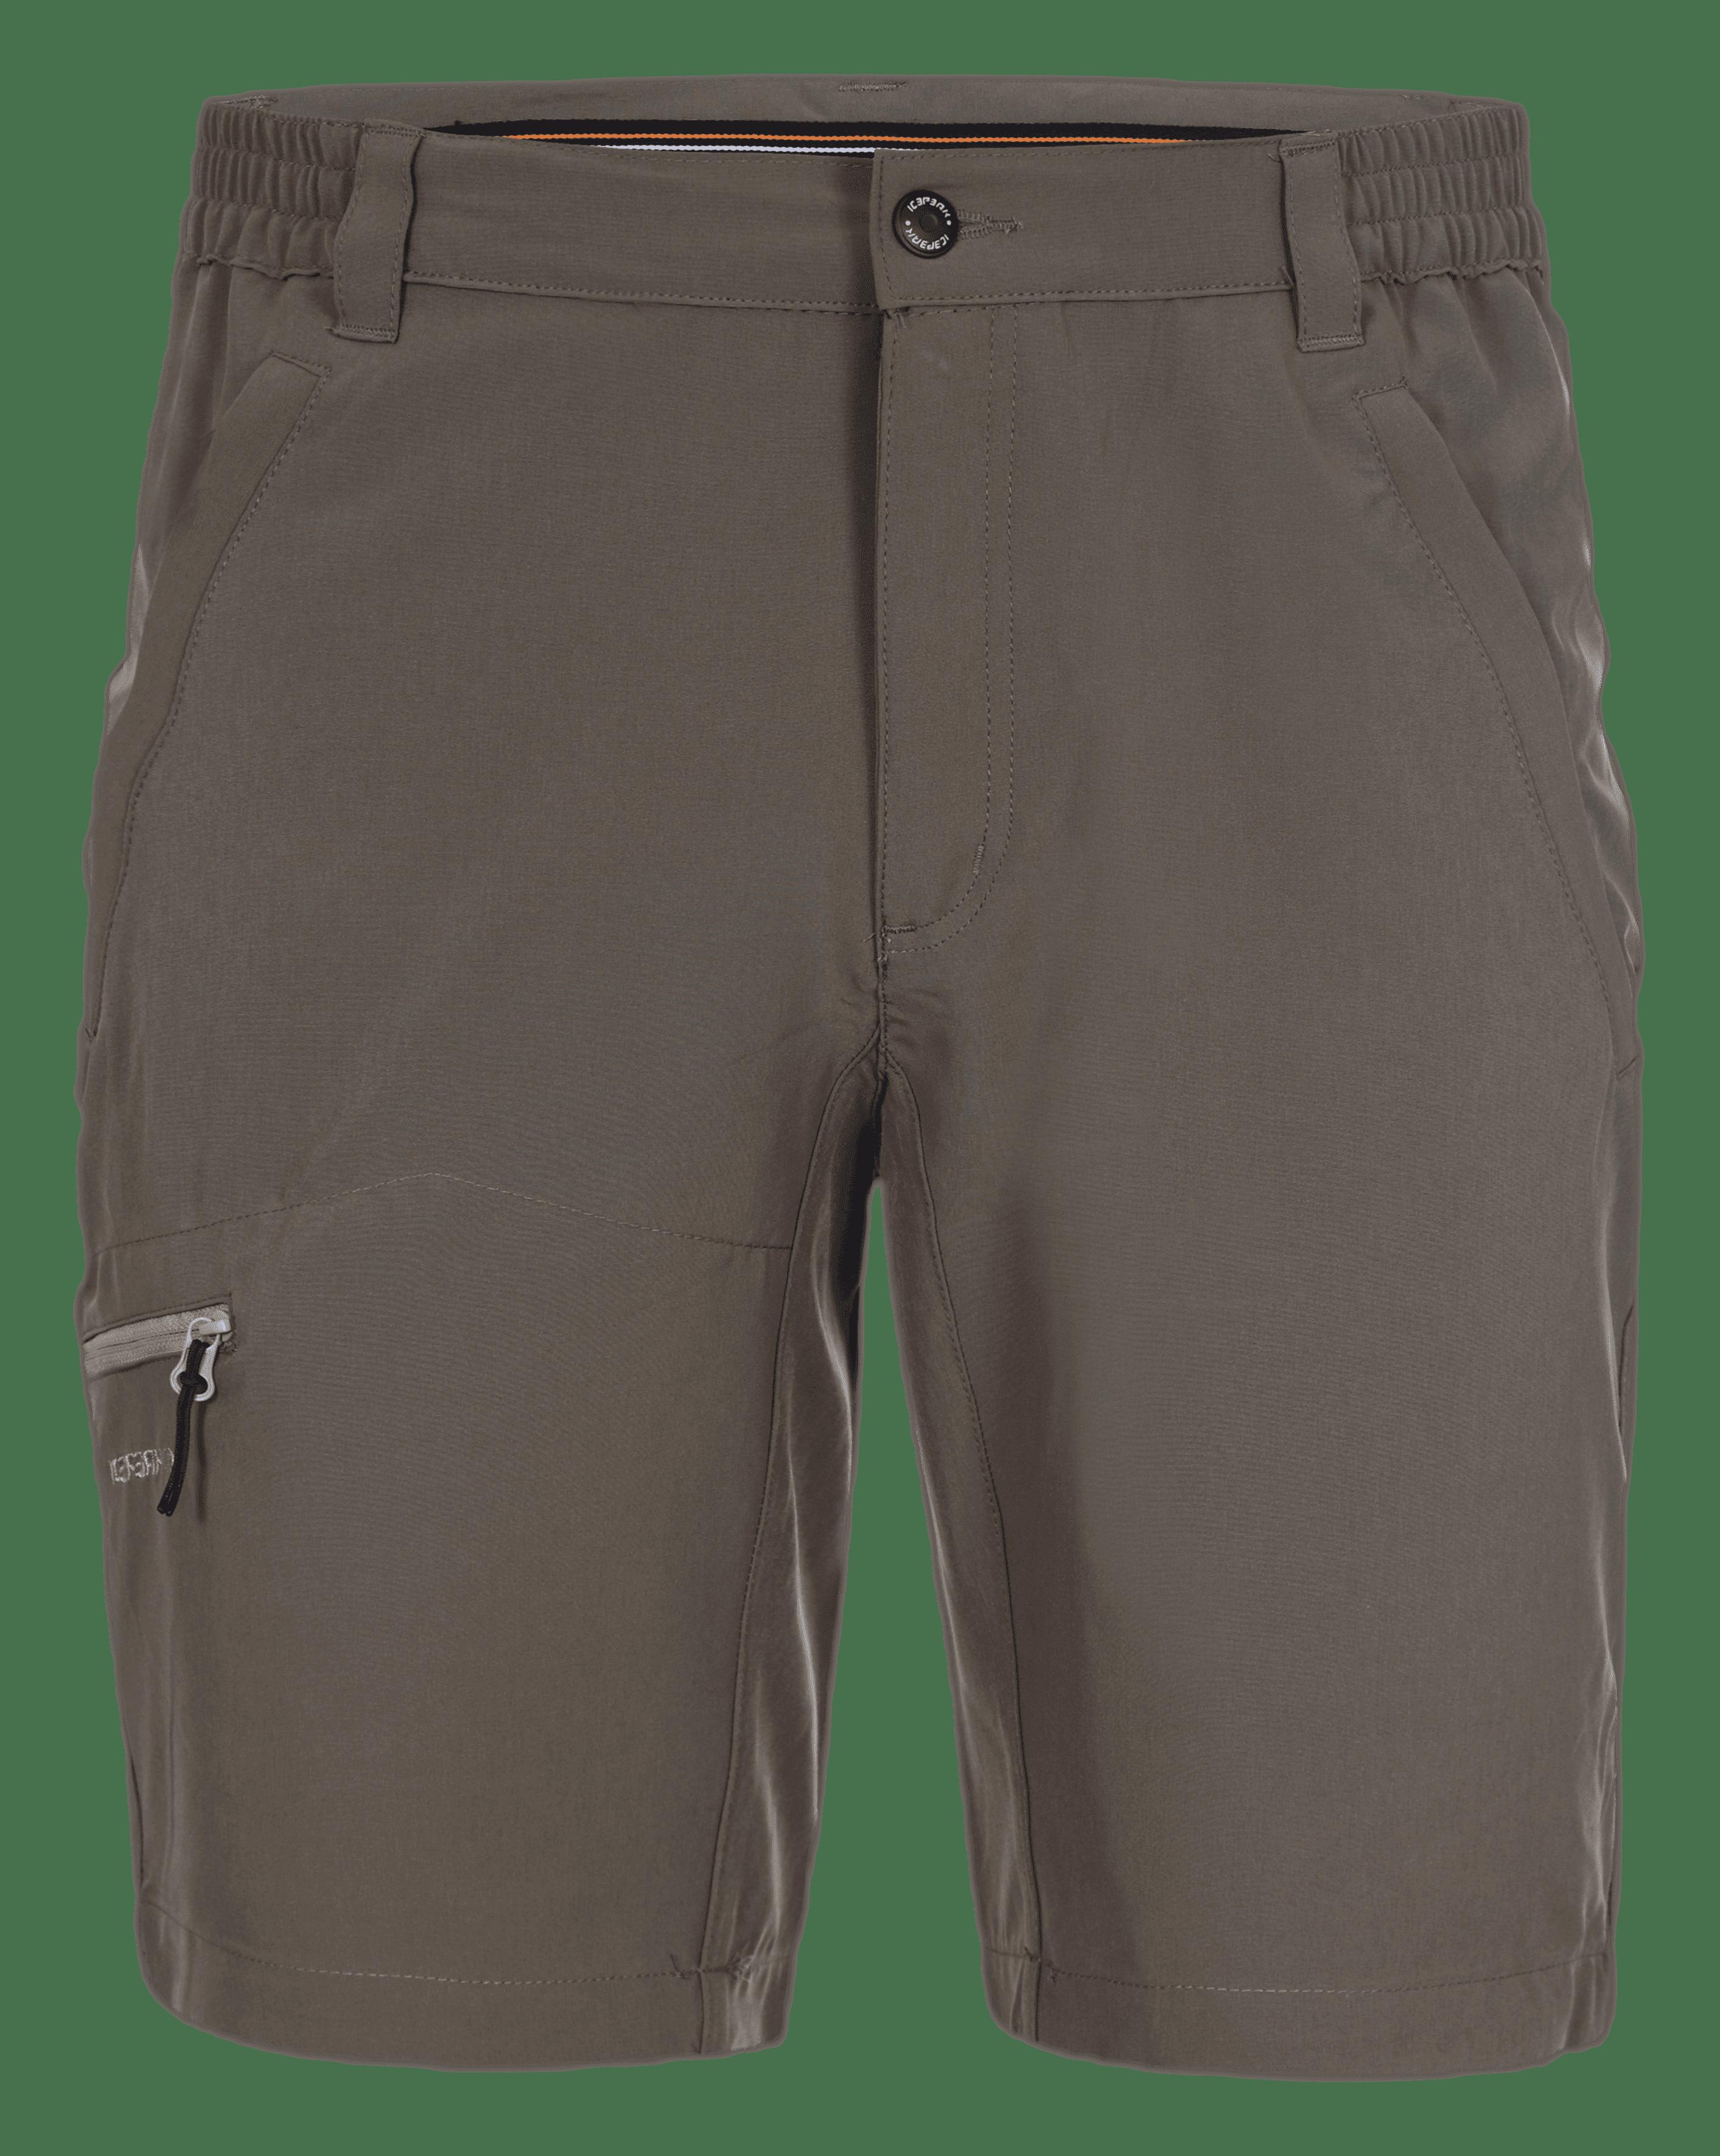 Shorts medwin